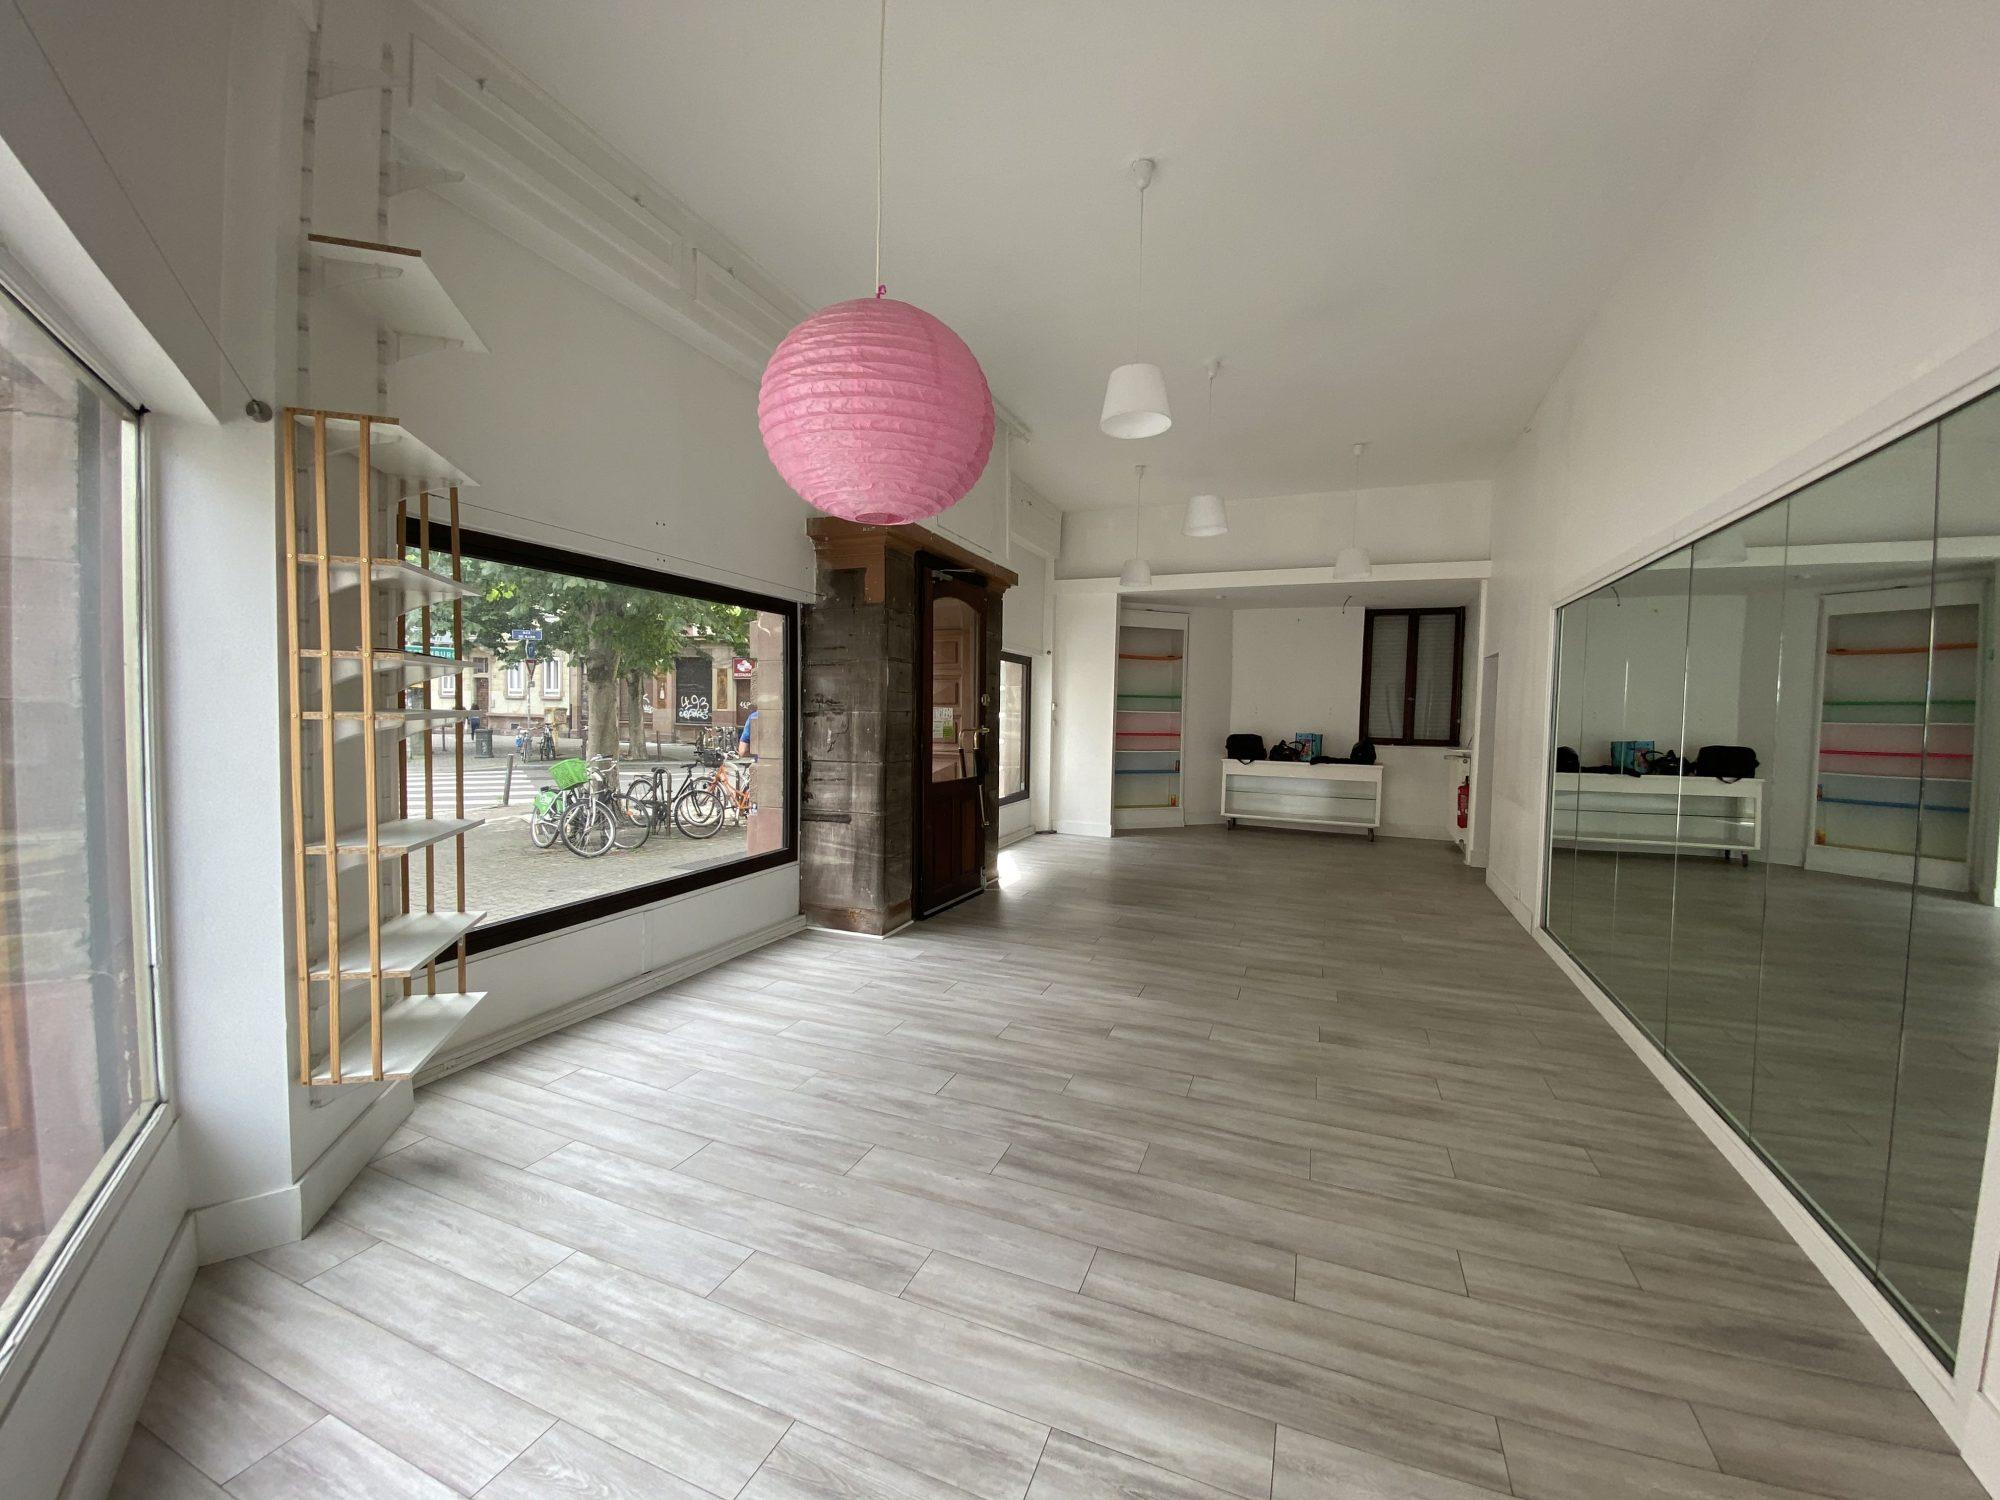 LOCAL COMMERCIAL A LOUER MUSEE D'ART MODERNE - Devenez locataire en toute sérénité - Bintz Immobilier - 5